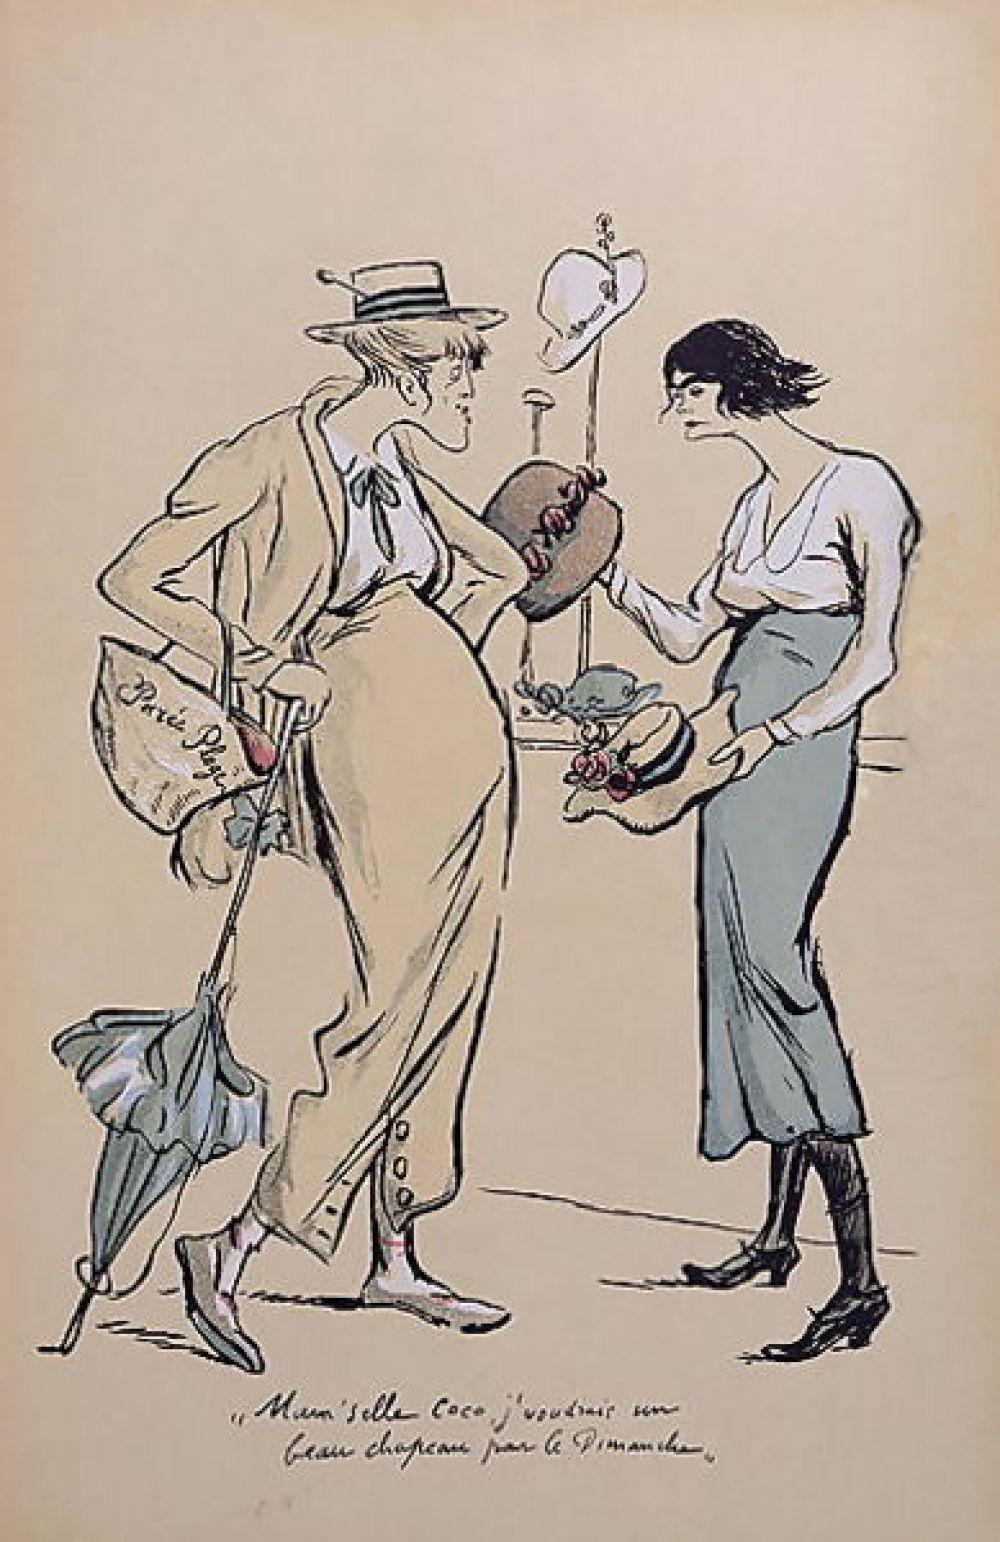 """""""Шанель в шляпном магазине"""" рисунок 1919 года. Долгое время Коко Шанель приходилось мириться со скрытыми насмешками в свой адрес - о ней судачили в каждом салоне Парижа, а известный художник тех лет - Сэм, однажды нарисовал на дизайнера несколько карикатур. Но Шанель отвечала неизменное: """"Мне наплевать, что вы думаете. Я о вас не думаю вообще""""."""